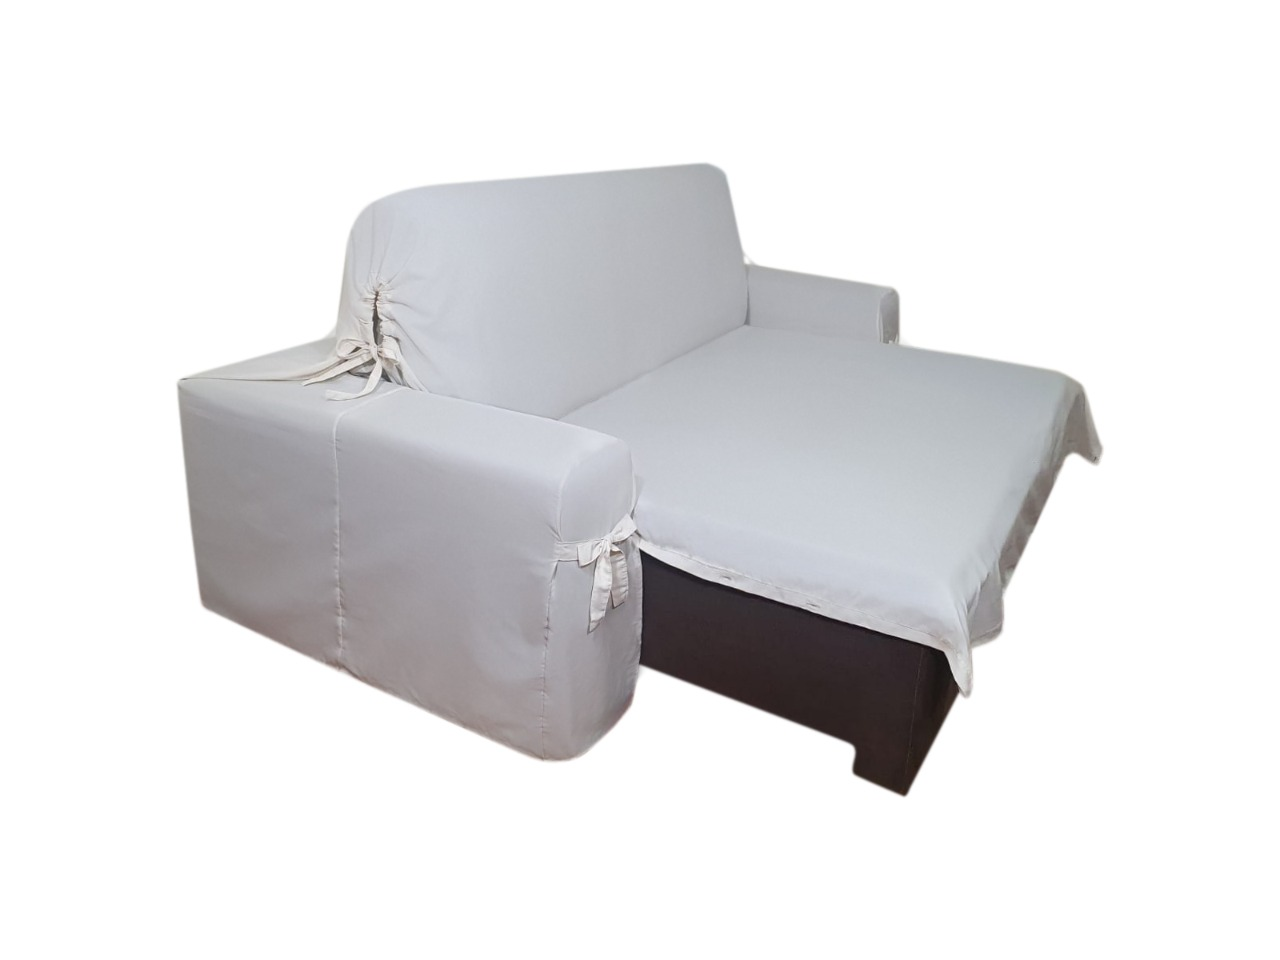 Capa p/ Sofá Retrátil e Reclinável em Acquablock Impermeável CRU -  Veste sofás de 1,96m até 2,35m